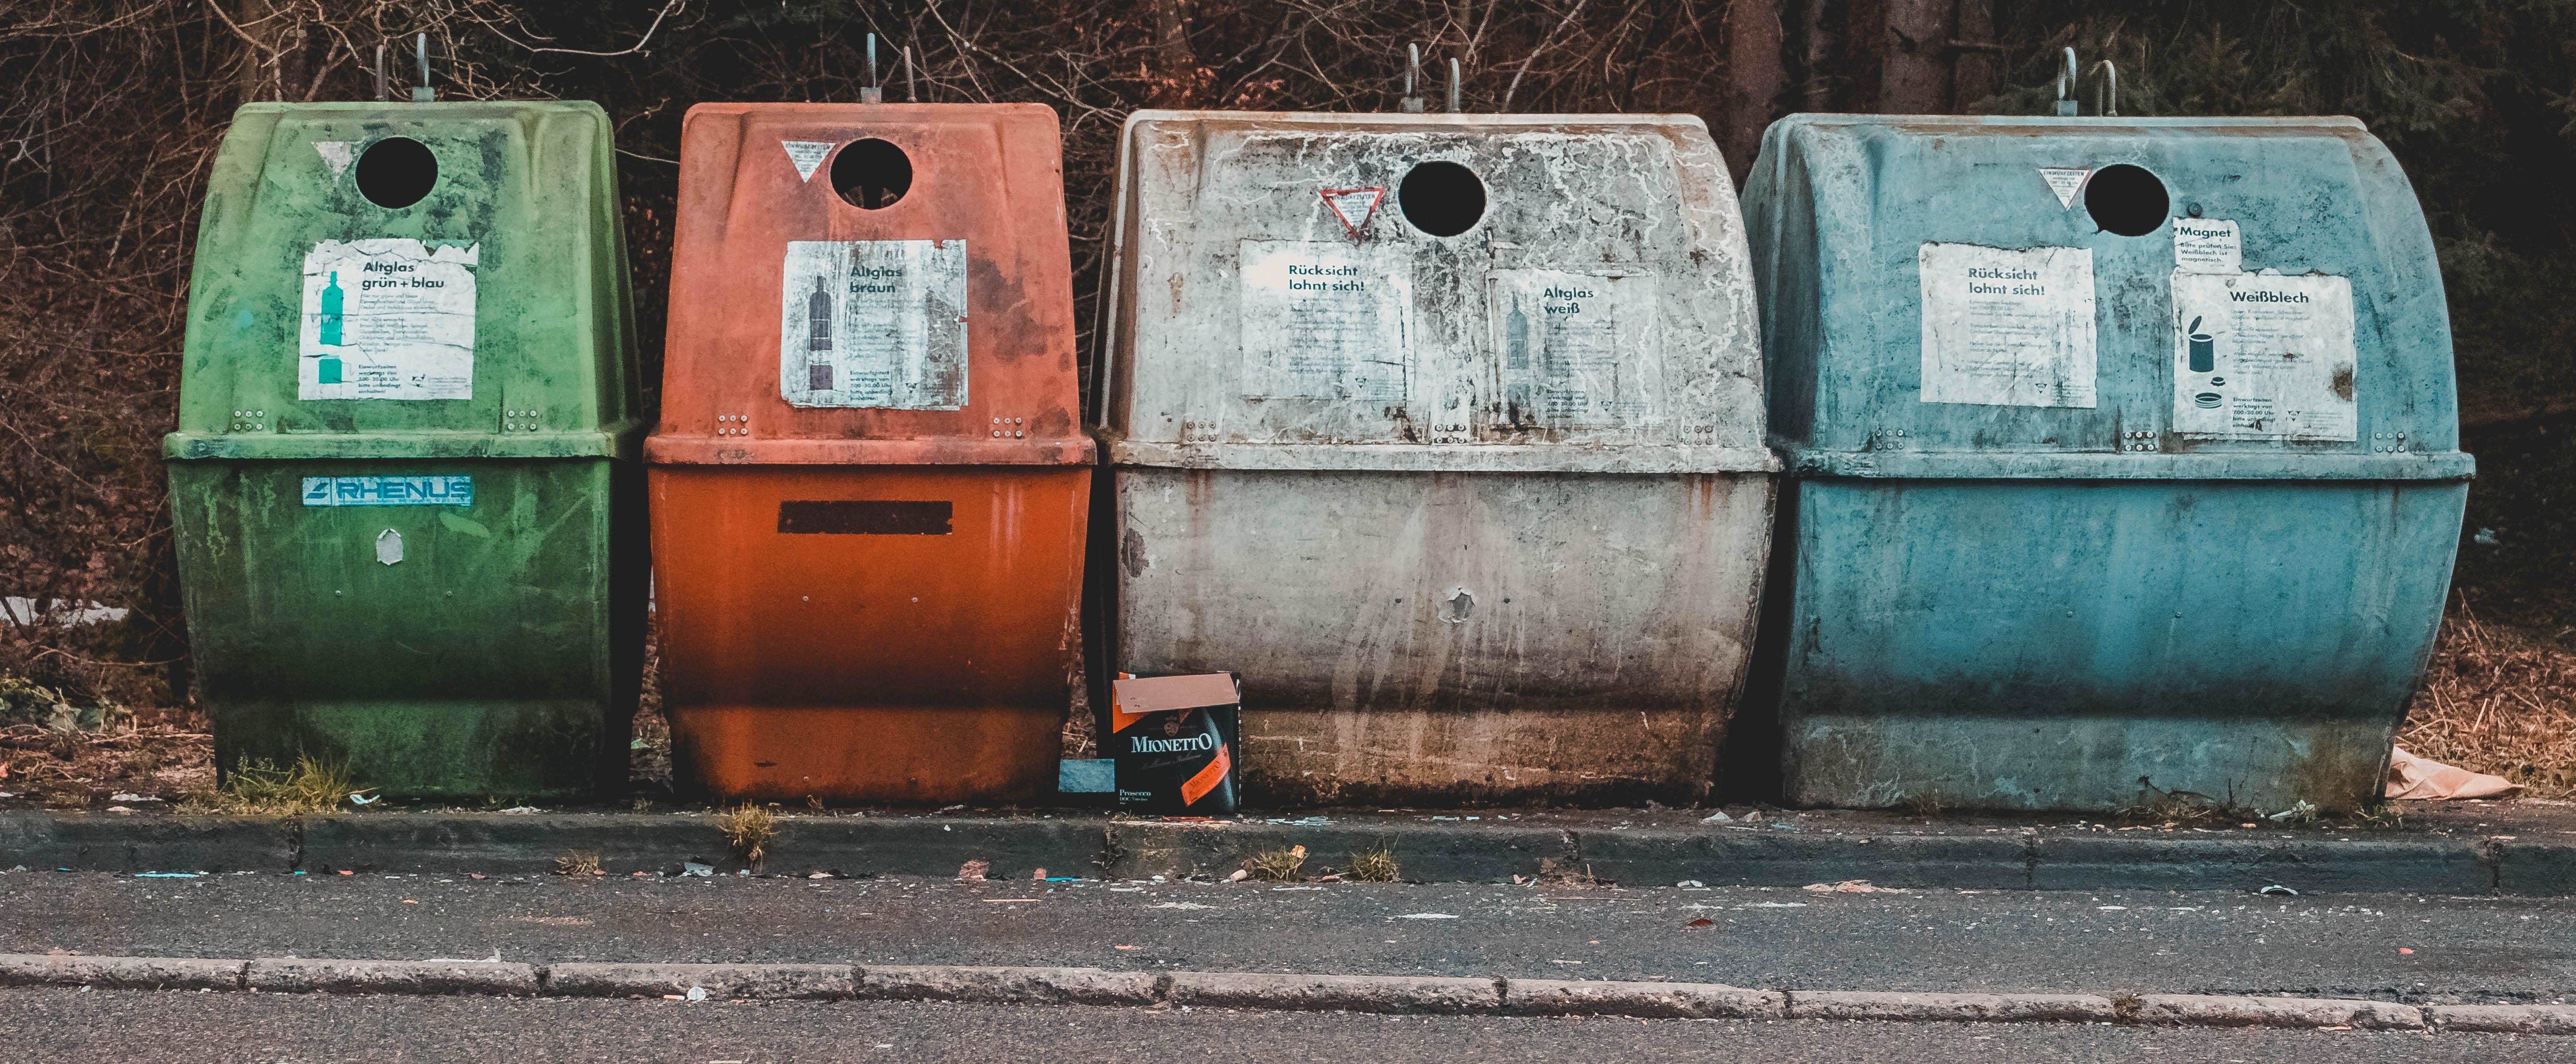 Vilka tjänster tillhandahålls av en återvinningsstation i Borlänge | Biztrends